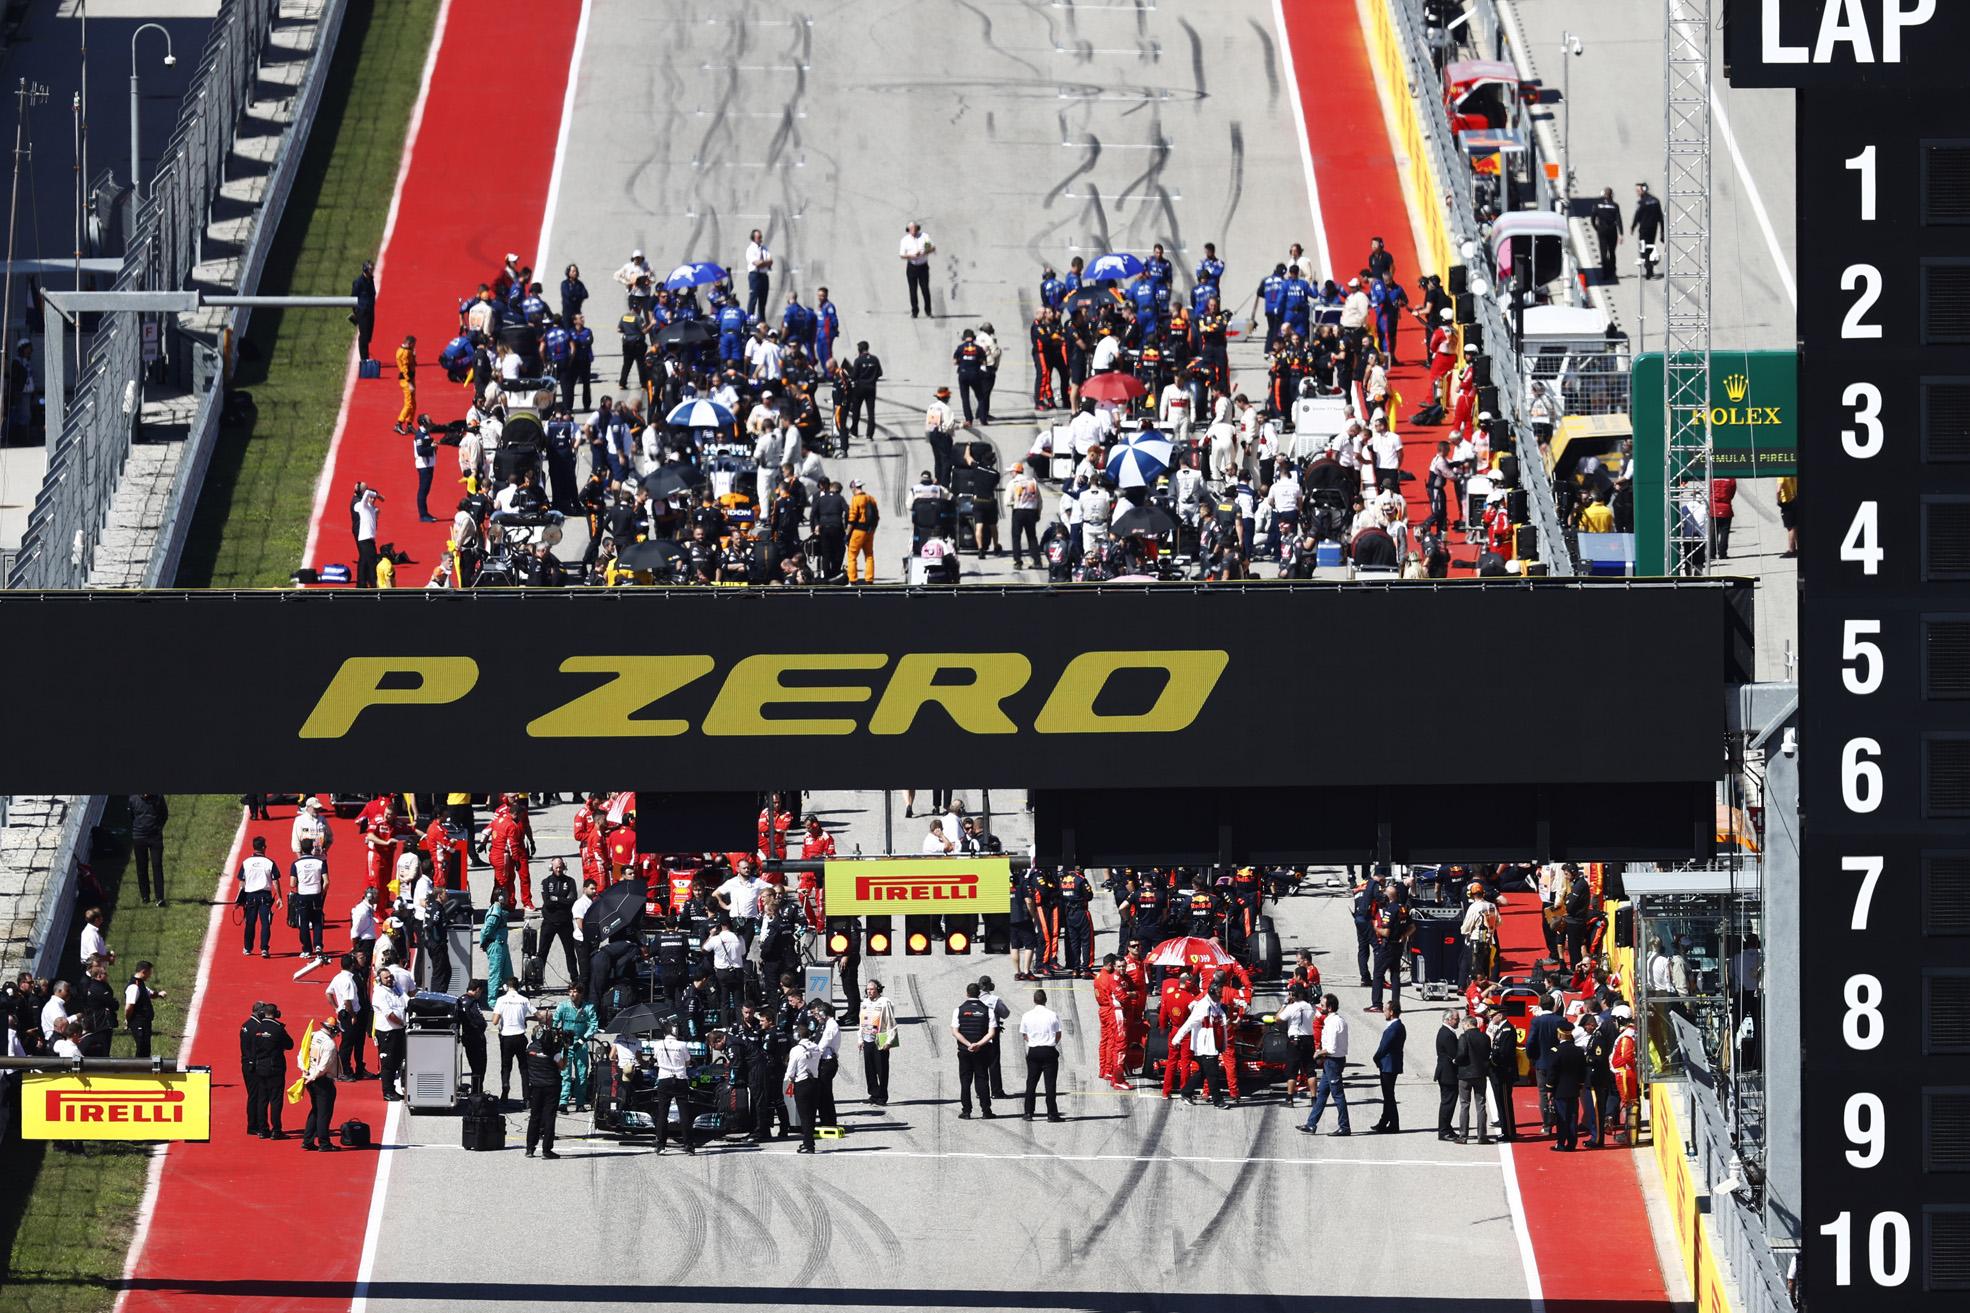 Στην Αμερική στην πίστα του Ωστιν το επόμενο γκραν πρι της F1